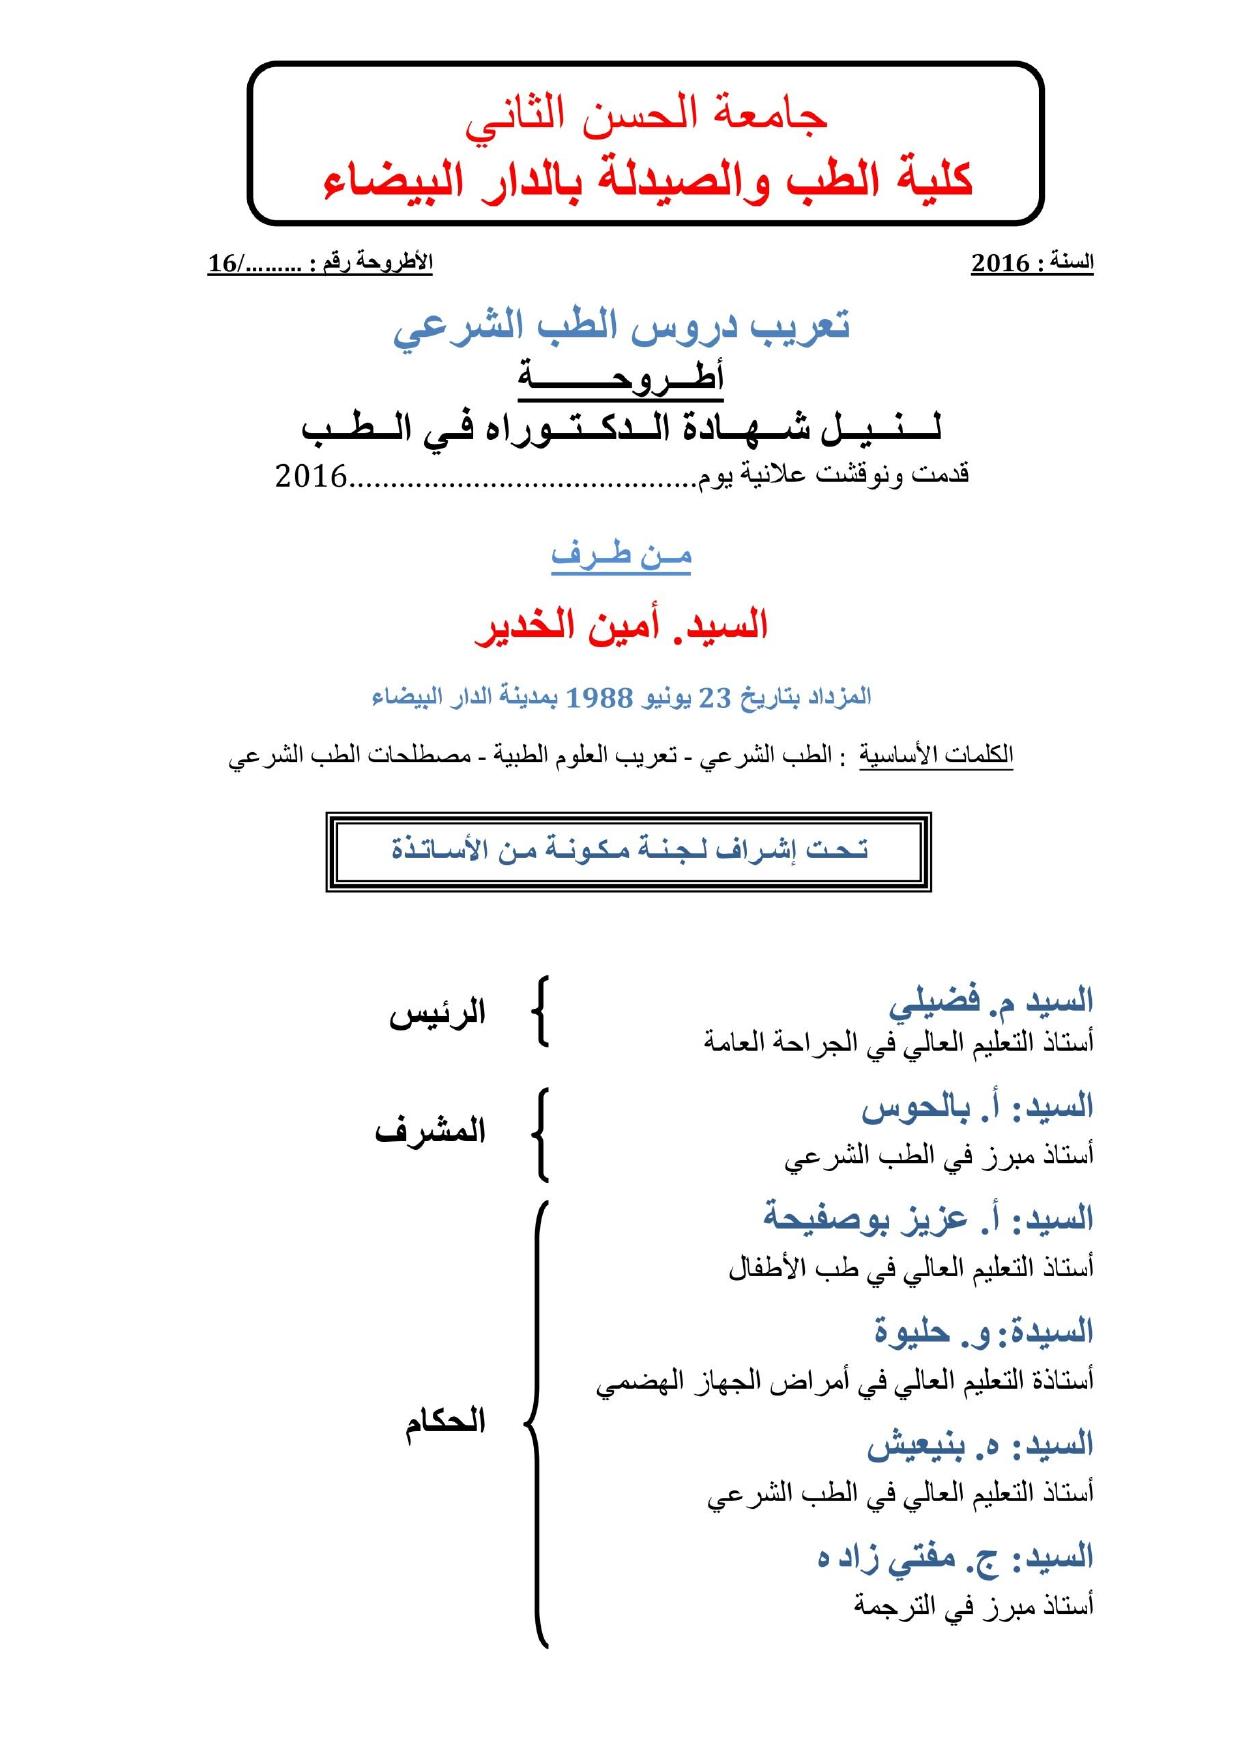 أطروحة الطب الشرعي عربية مع فرنسية